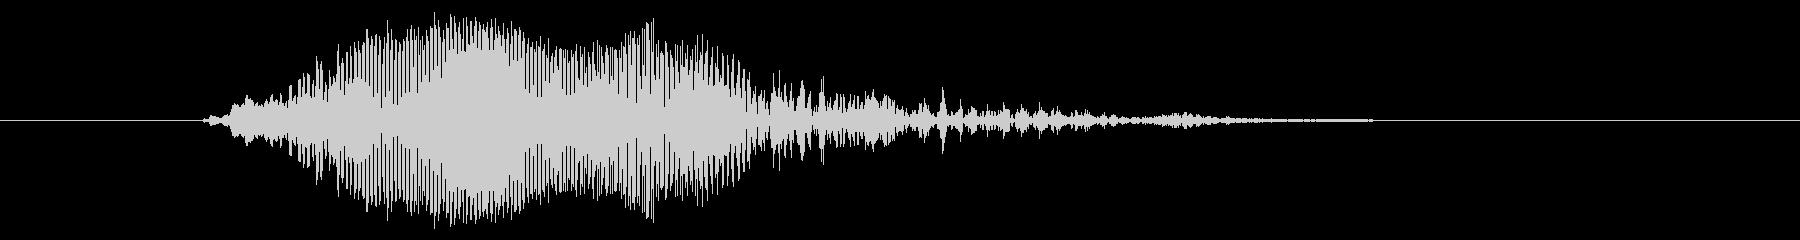 鳴き声 男性コンバットヒットハード01の未再生の波形